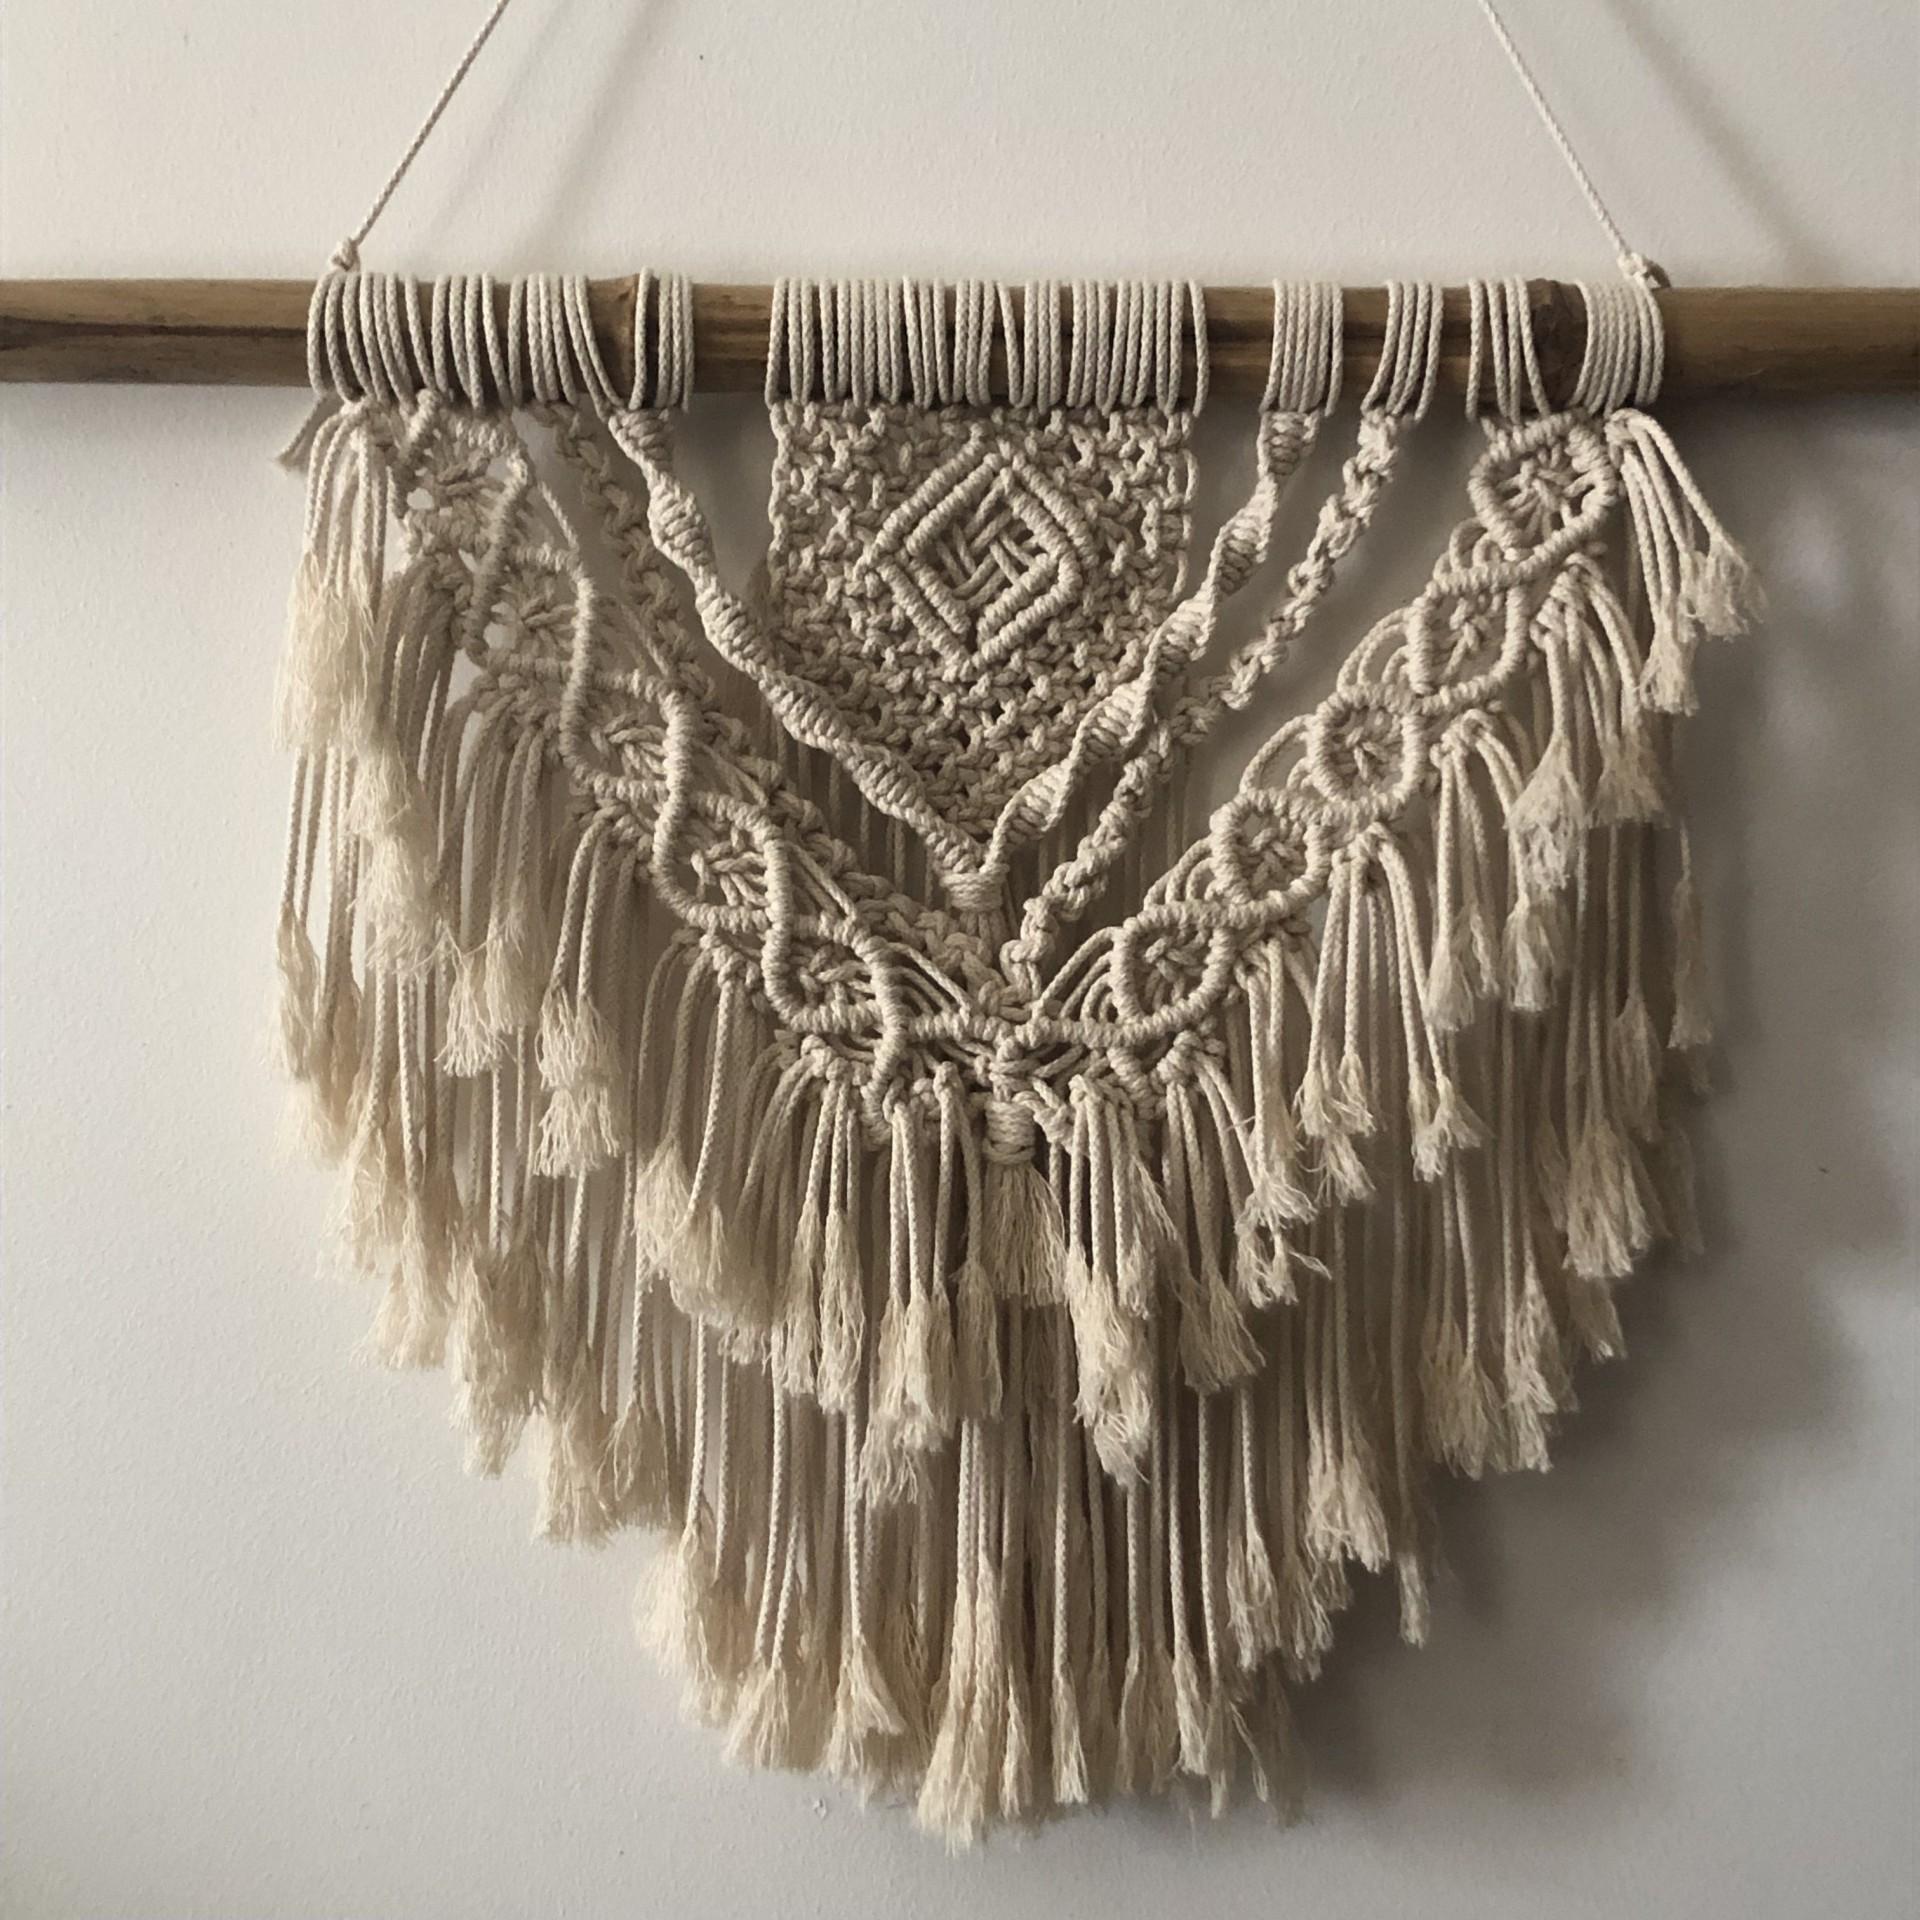 Macramé 'Wall hanger'